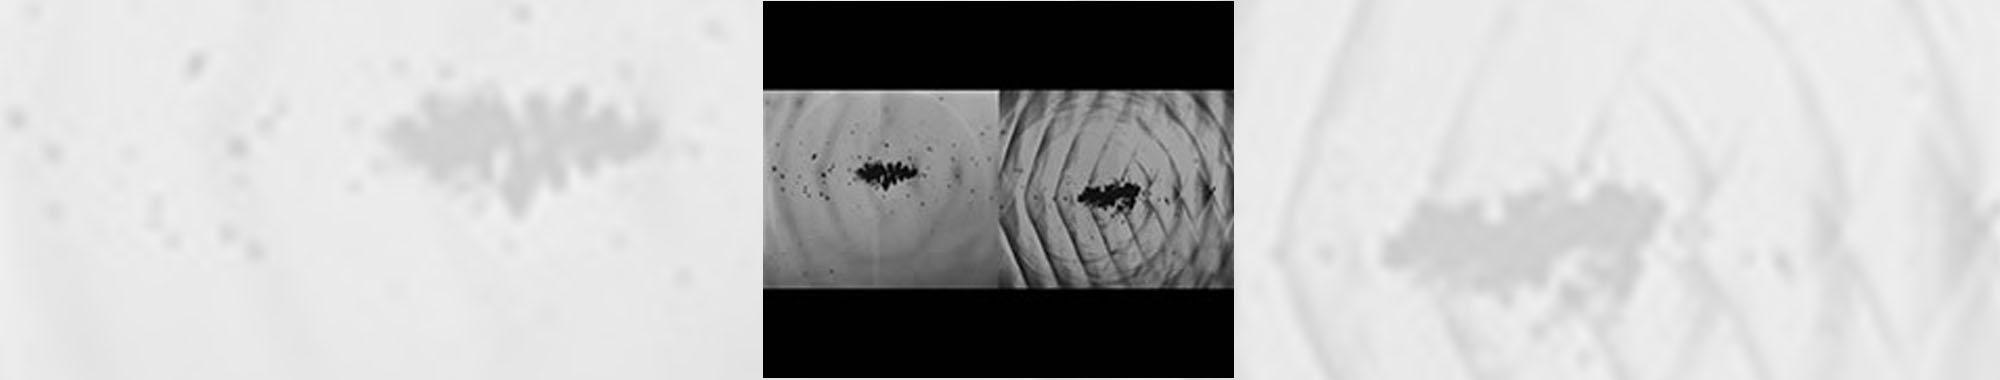 液中の超音波による衝撃波の可視化